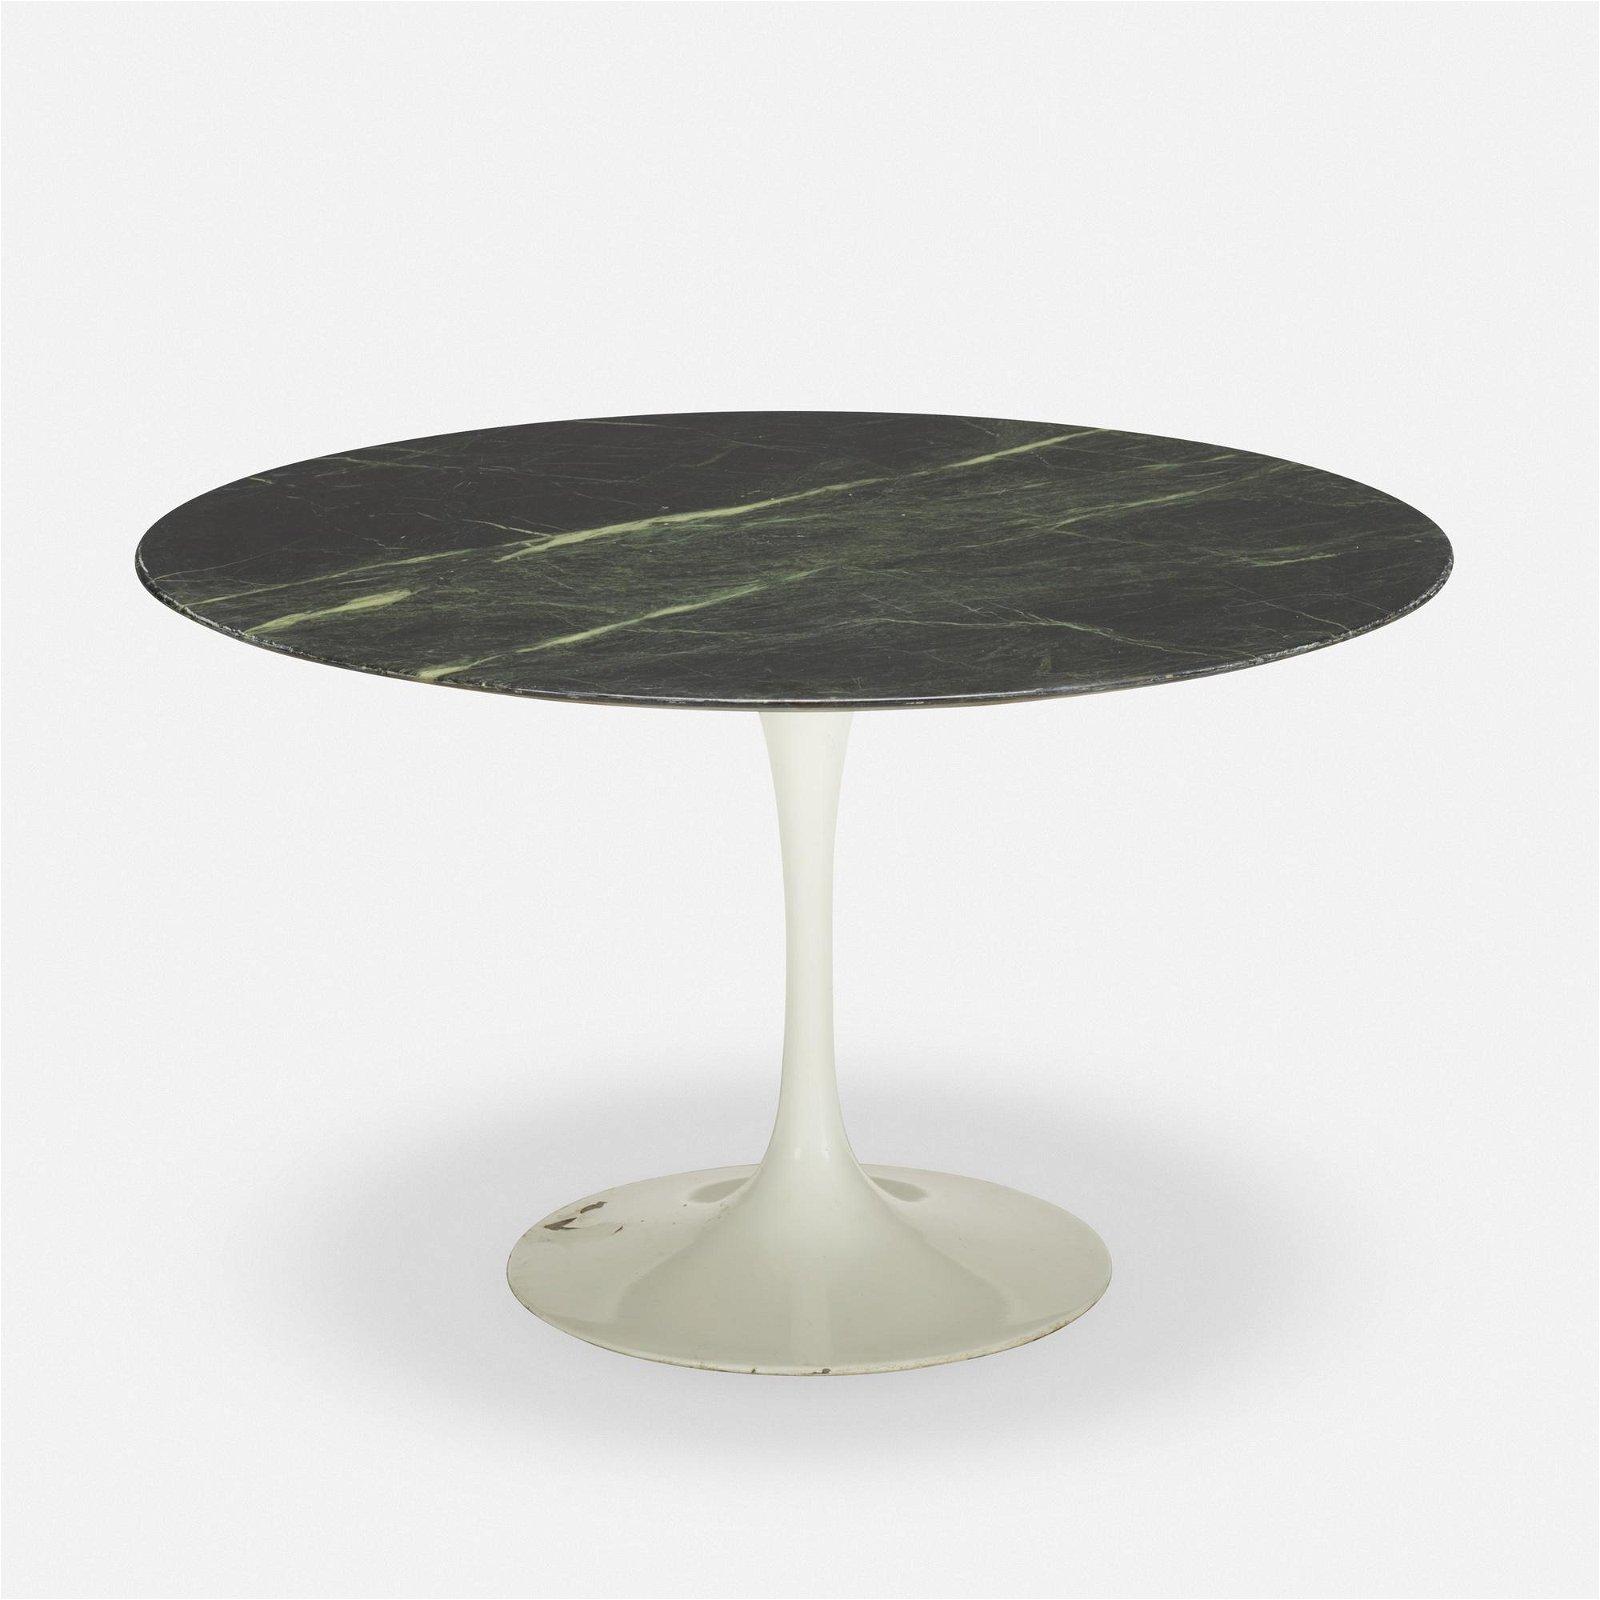 Eero Saarinen, occasional table